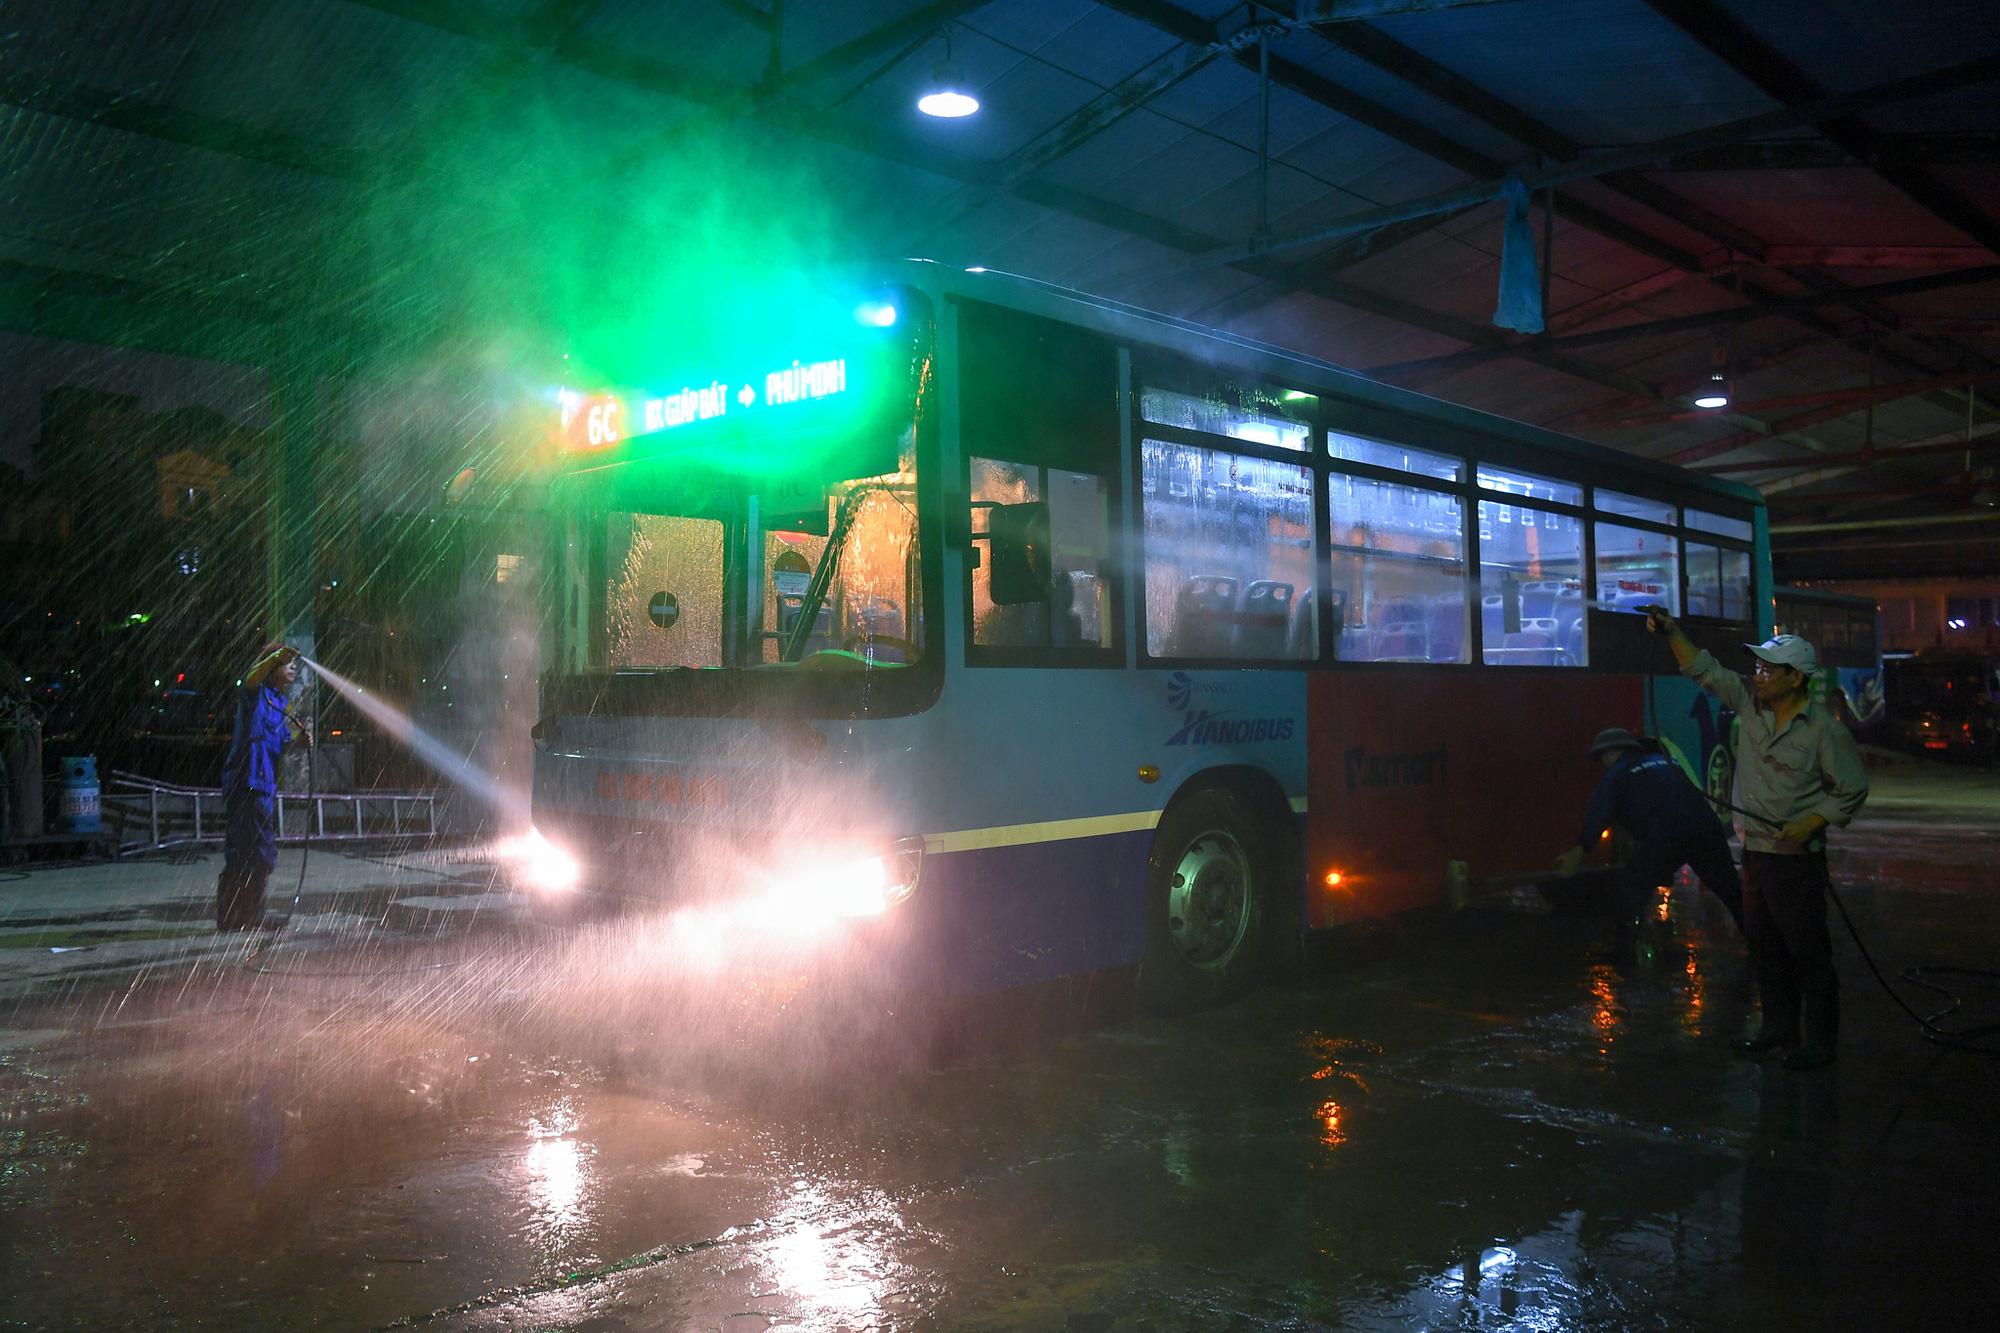 [ẢNH] Vẻ đẹp của gần 200 xe buýt tập kết về bến xếp hàng trong đêm - Ảnh 9.